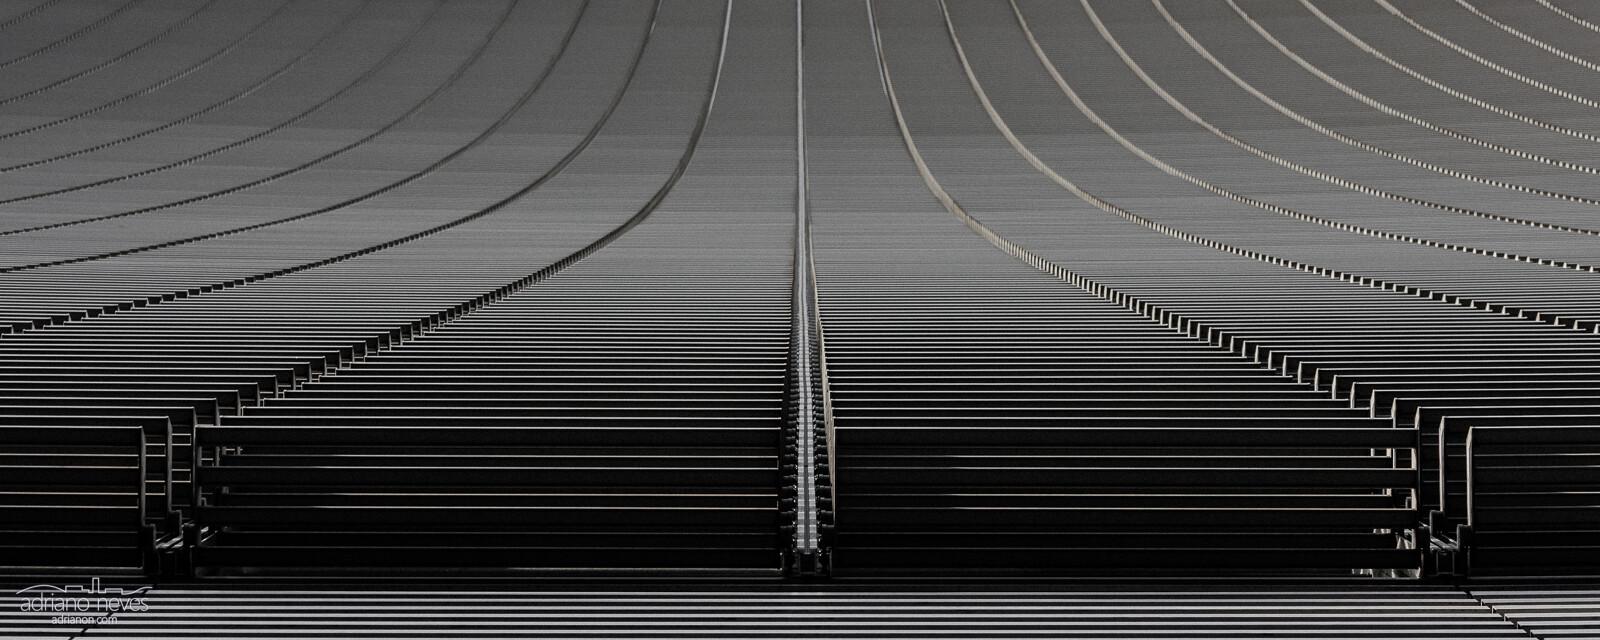 Pormenor arquitéctónico de fachada de edifício, a preto e branco - © Adriano Neves